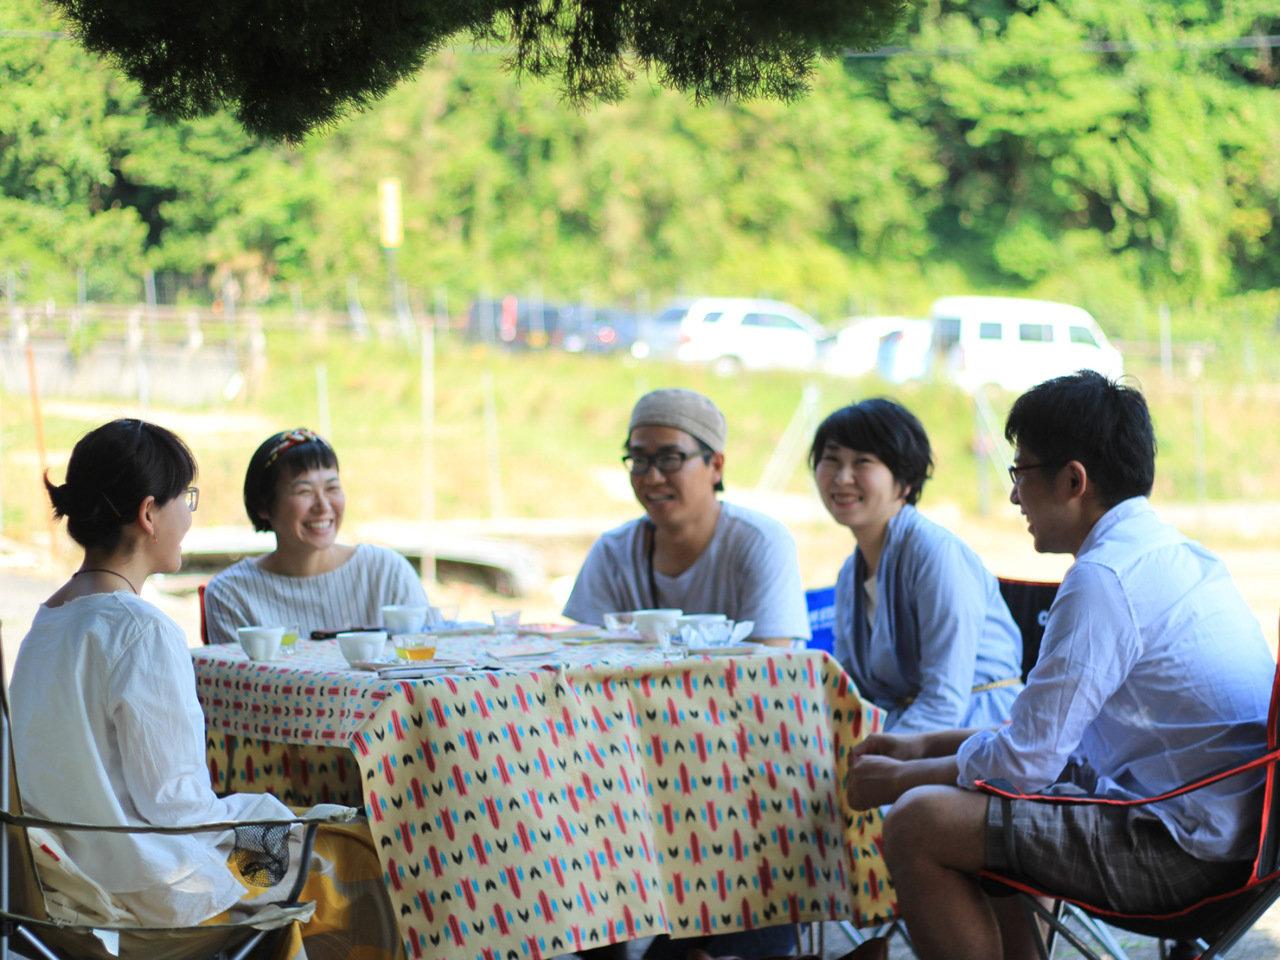 協力隊ネットワークで半島全体の魅力を発信。清成麻理子さん